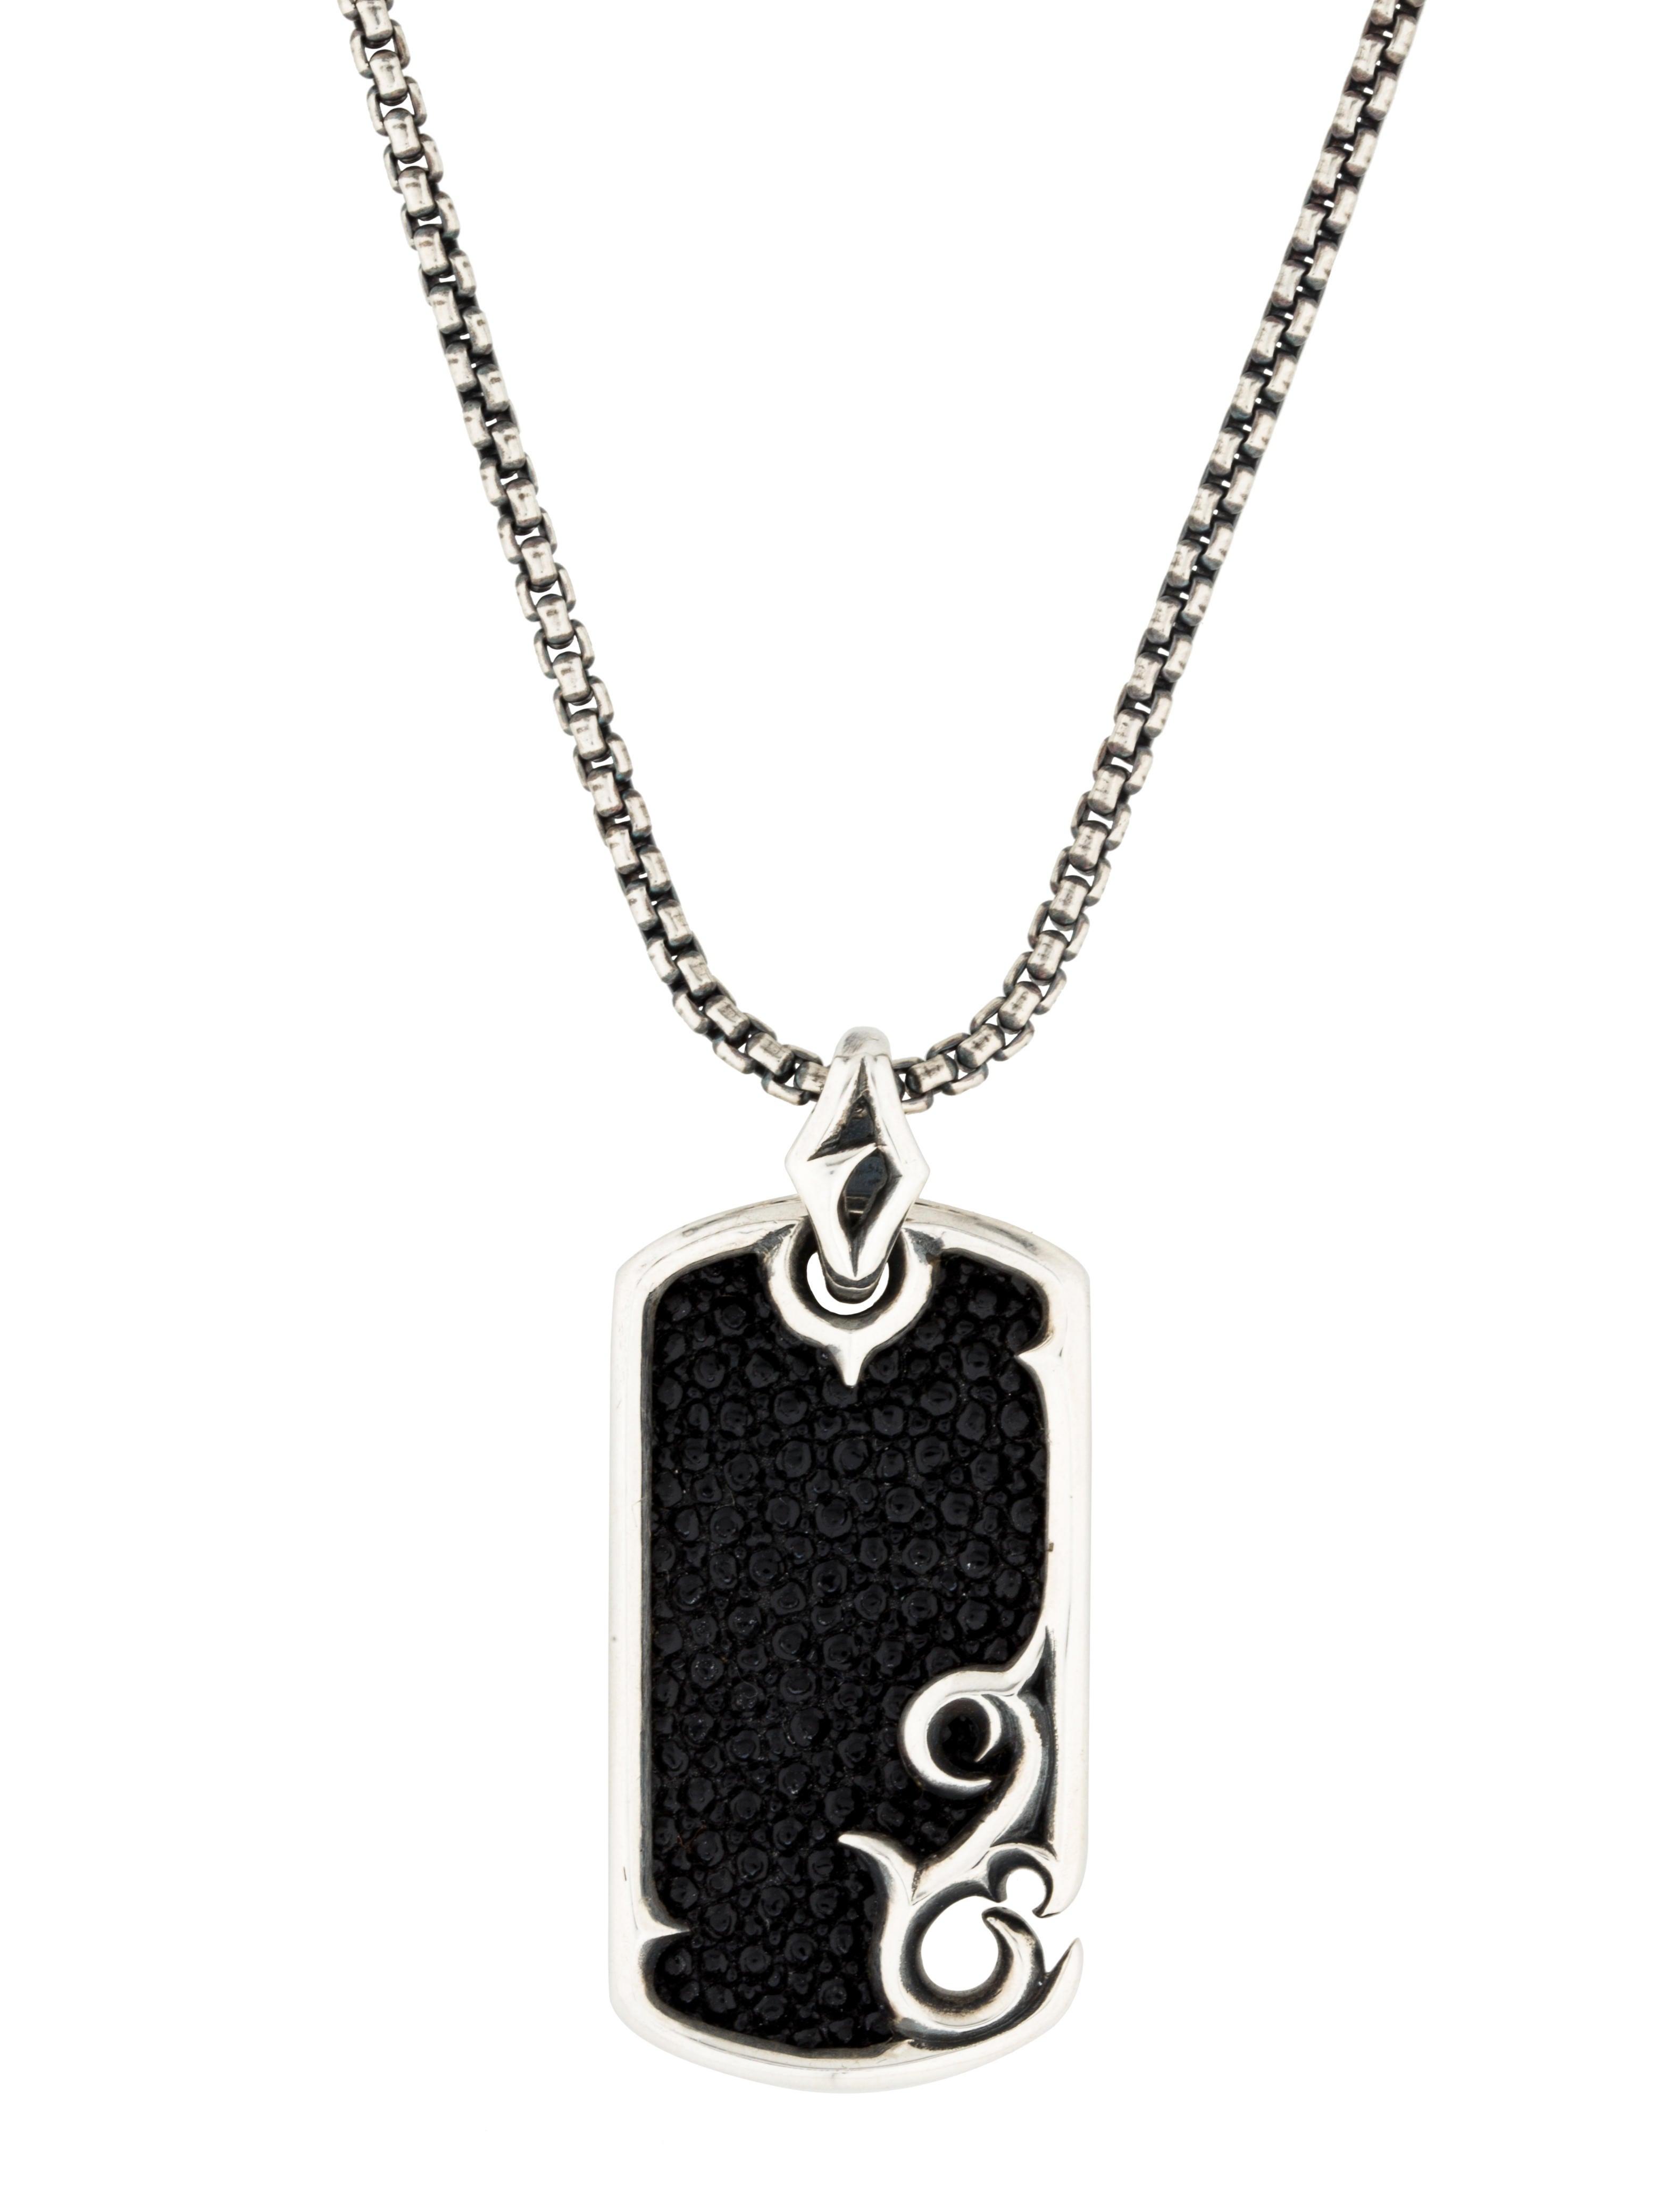 Stephen webster stingray pendant necklace necklaces stw20411 stingray pendant necklace mozeypictures Images